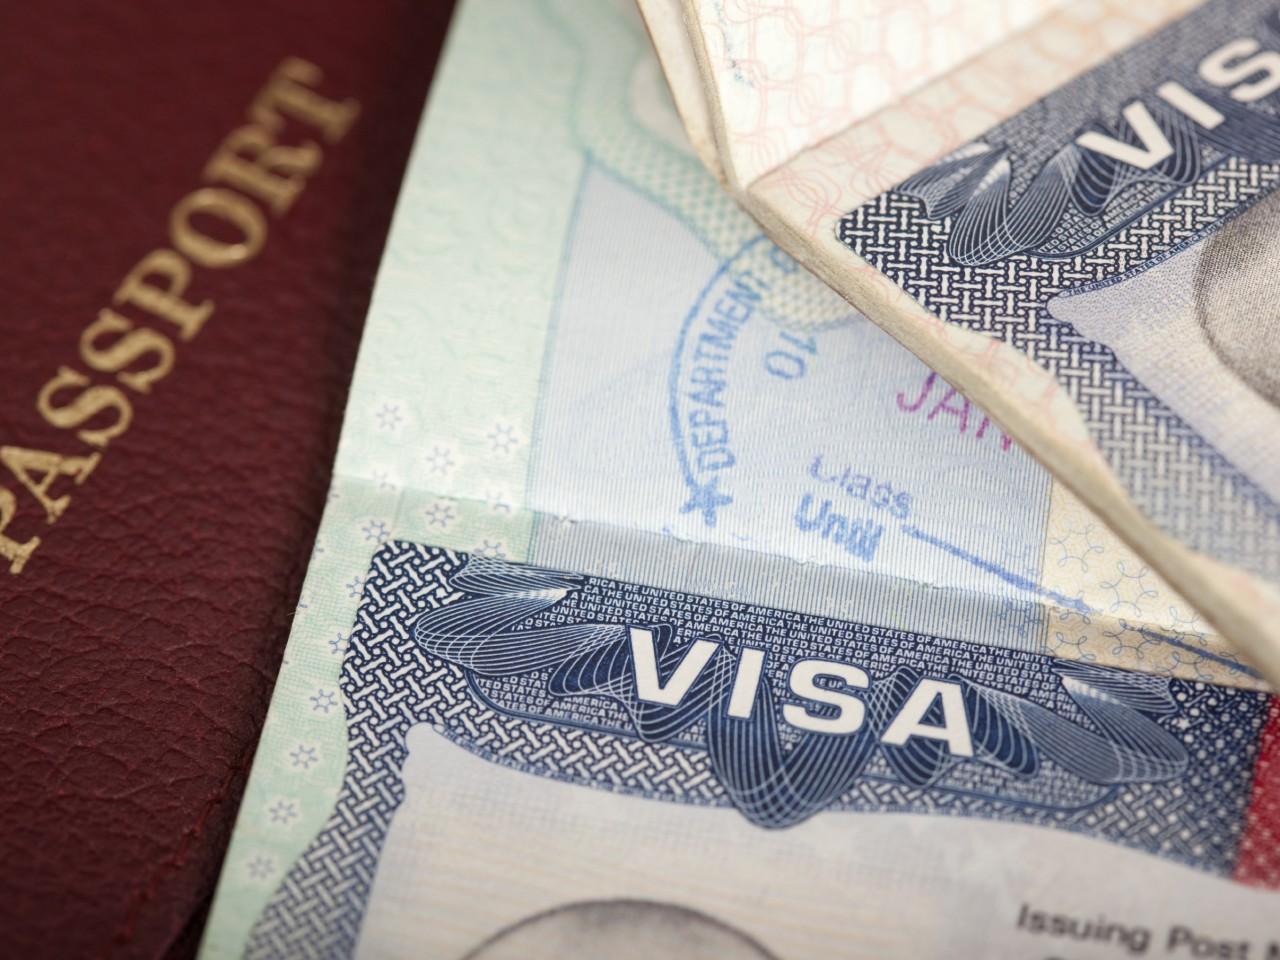 Как получить визу в Бразилию. Необходимый пакет документов